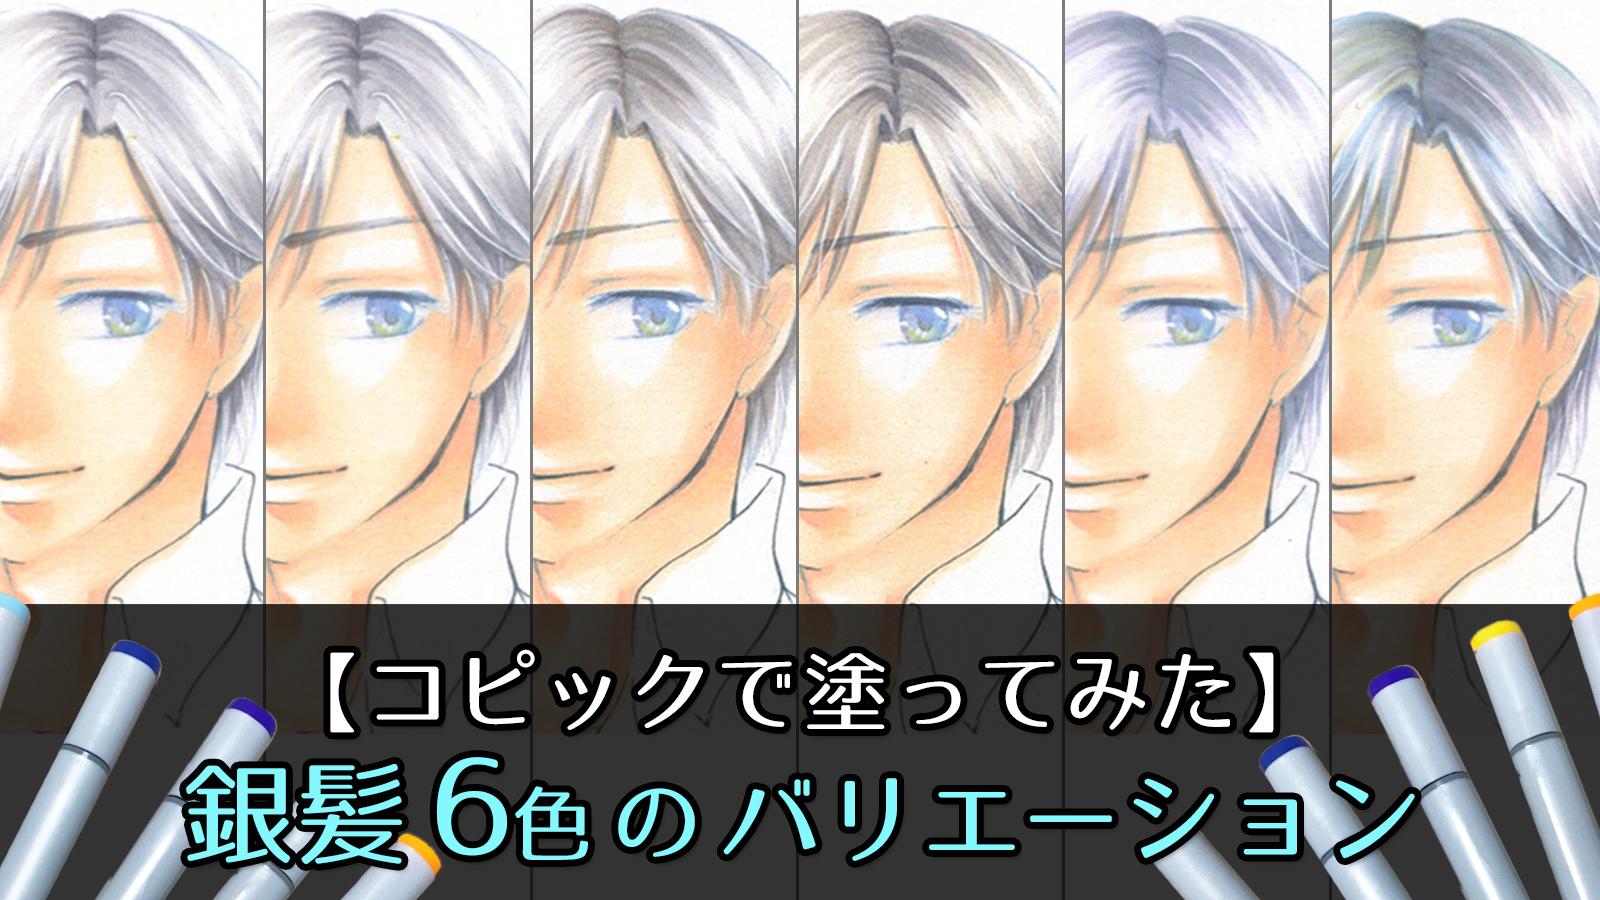 【コピック初心者向け】銀髪6種類の塗り方・おすすめ色番号(メイキング動画あり)